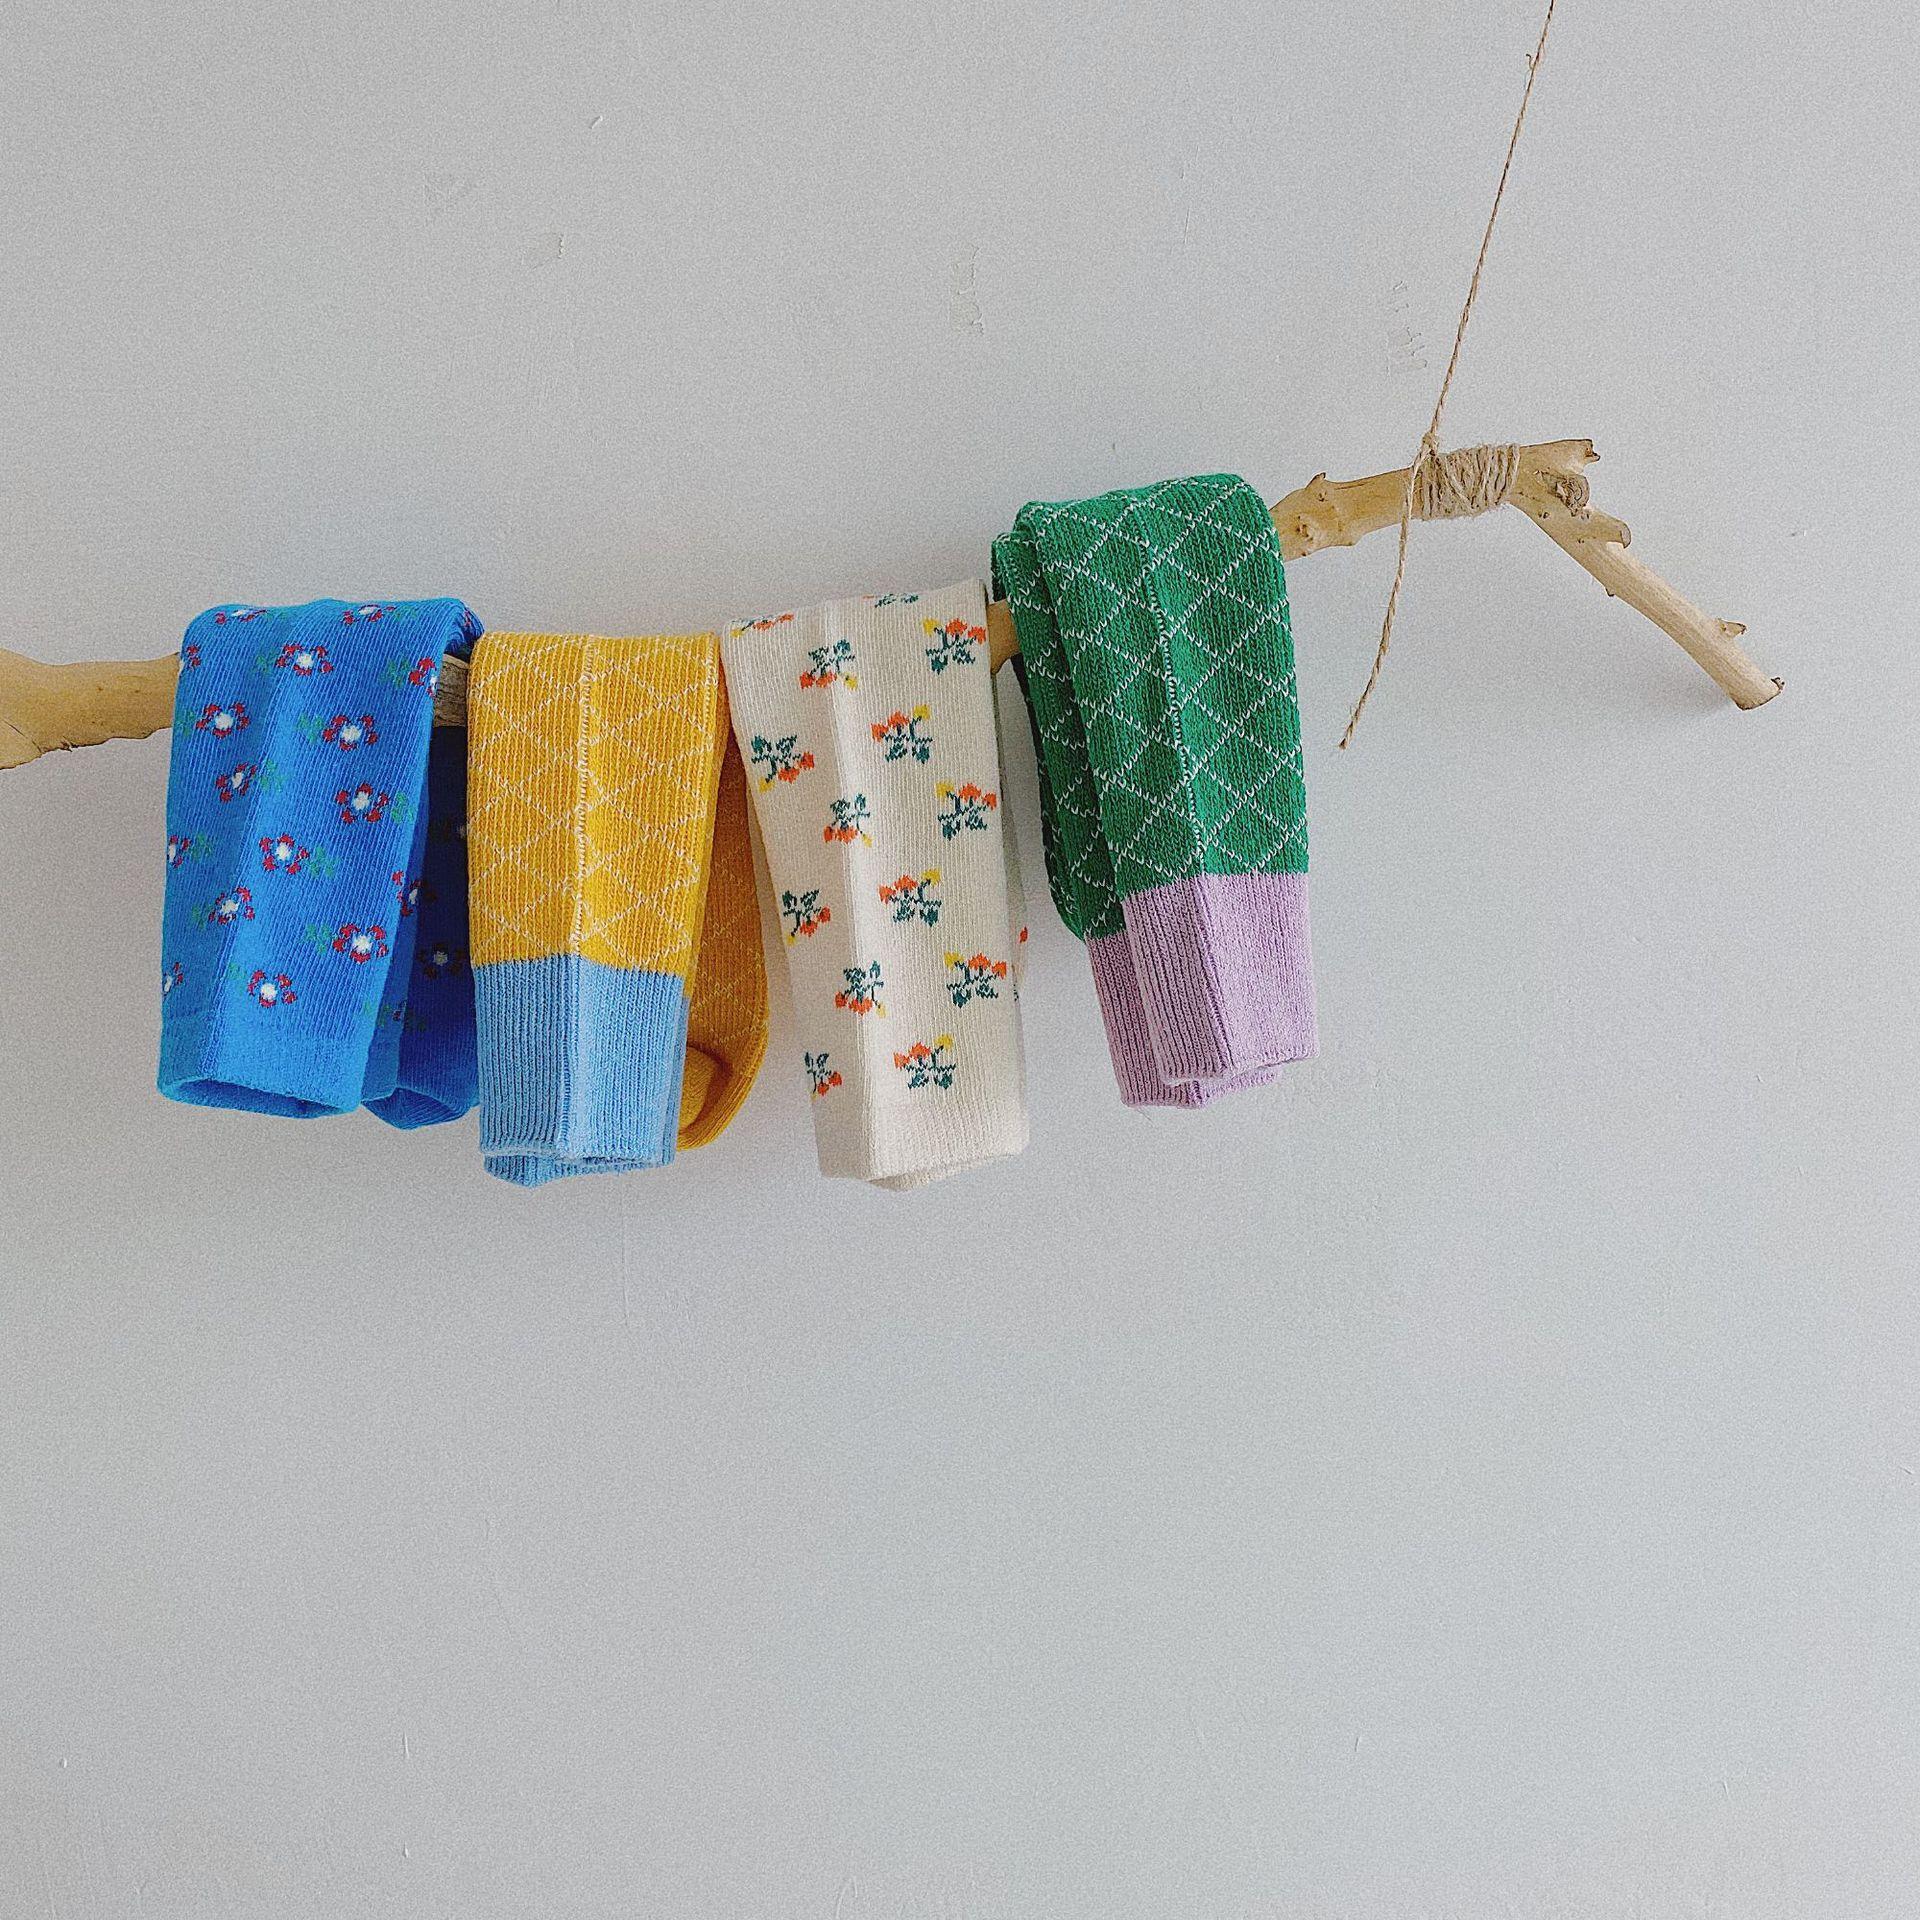 Automne Bébé Filles Chaussettes genou Fleur 2020 Nouvelle automne coréenne enfants Fleur Plaid Knit Bas Enfants Sport Casual Bas S594